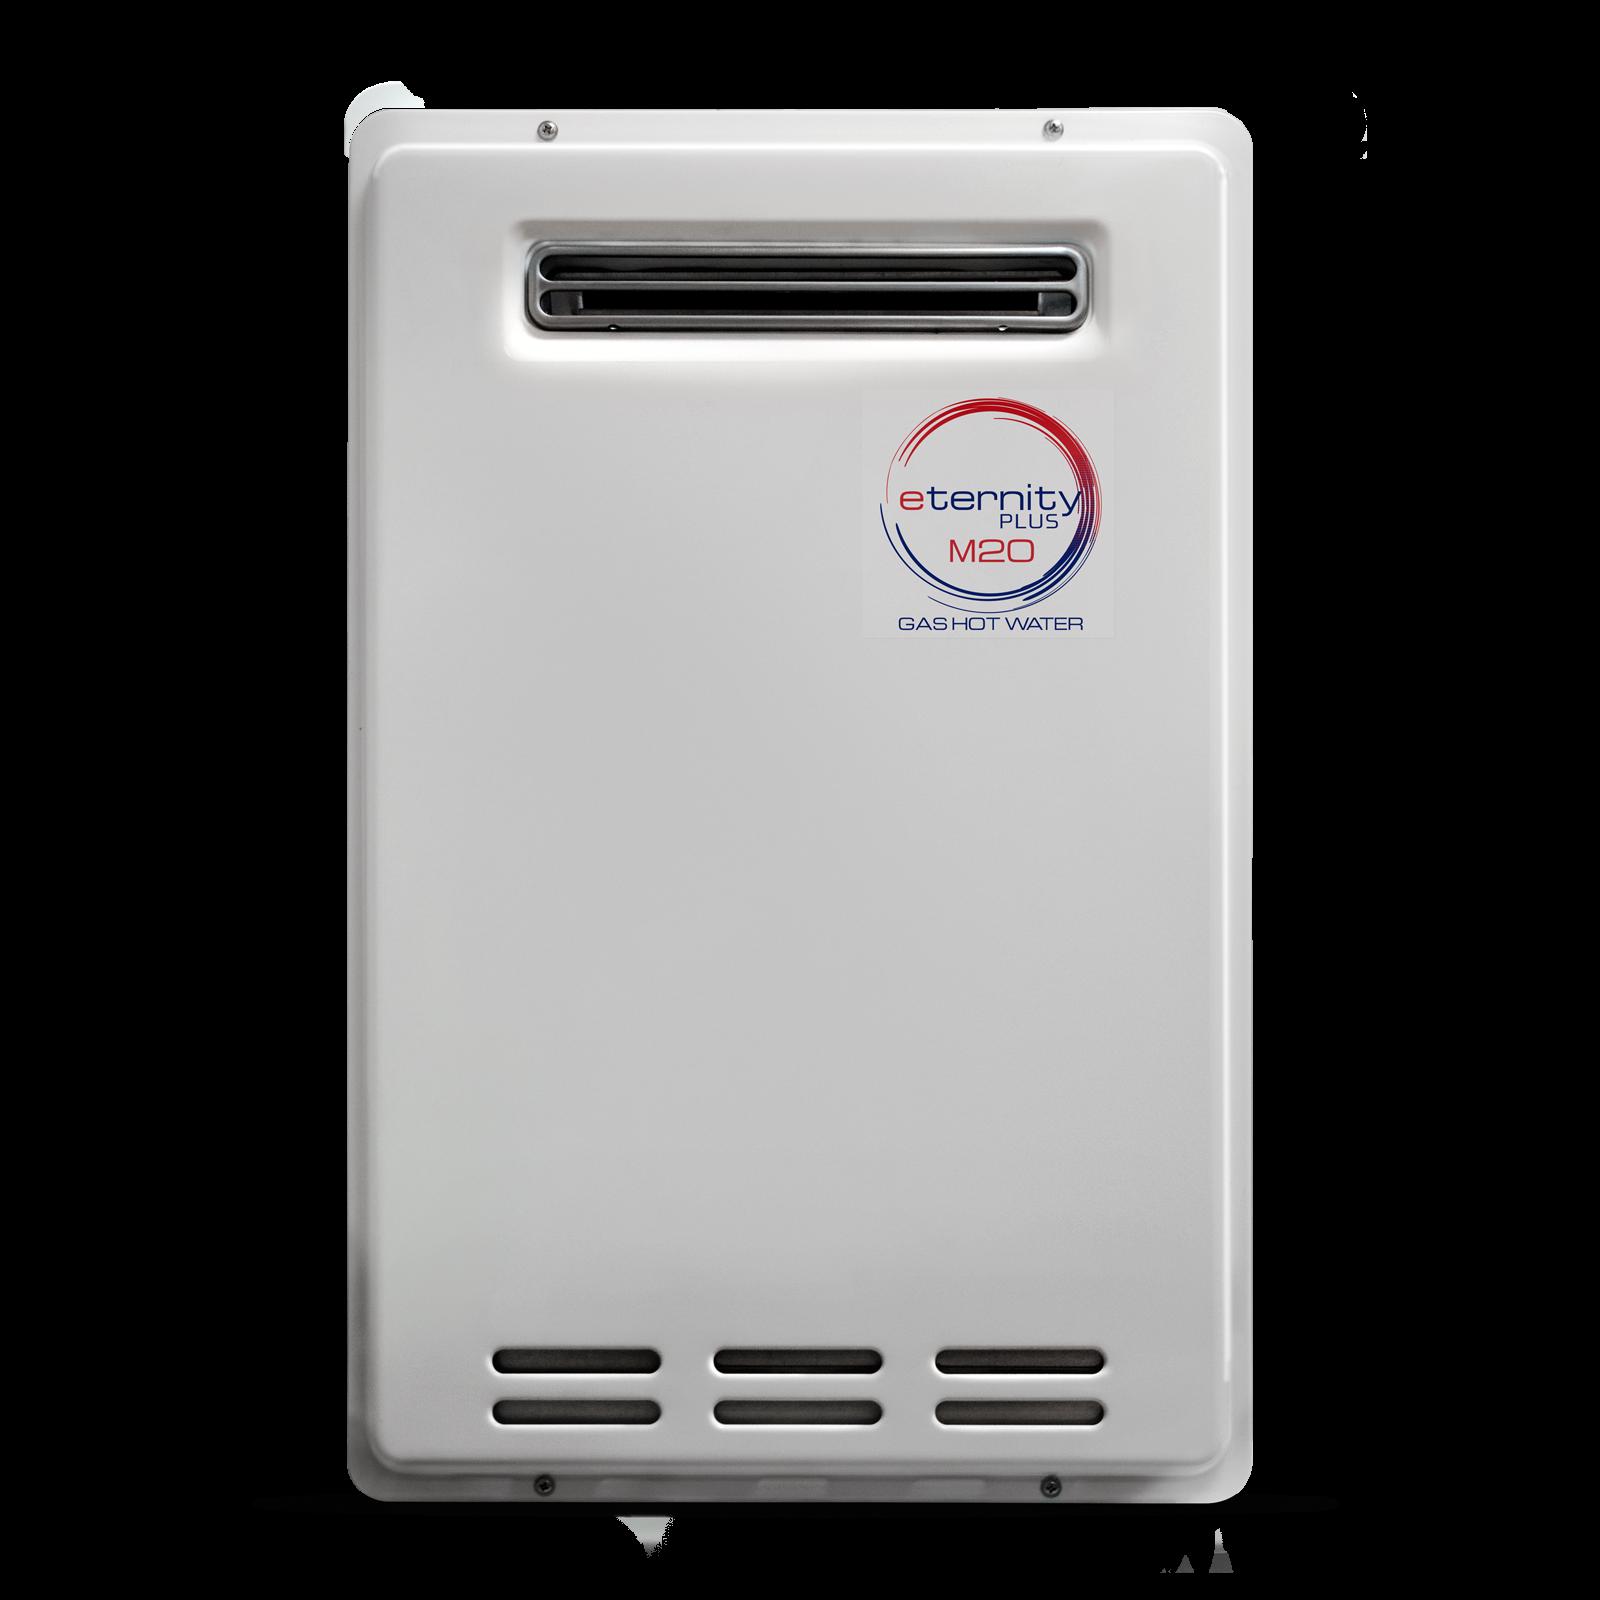 Chromagen Eternity Plus 20L Continuous Flow Hot Water Heater - LPG